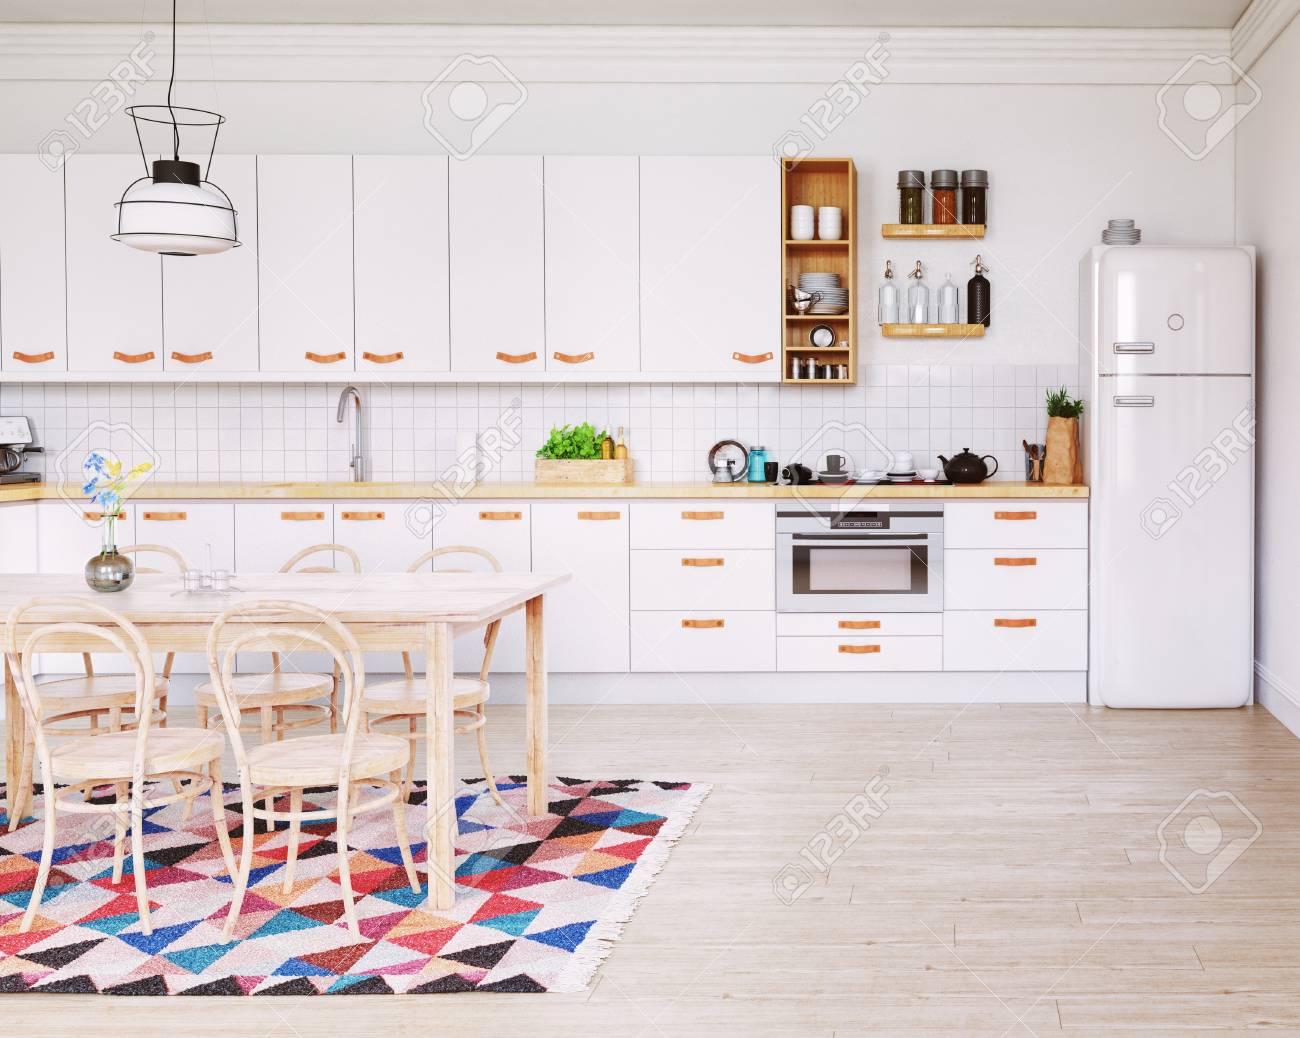 Moderne Kuche Interieur Skandinavischer Stil Design 3d Rendering